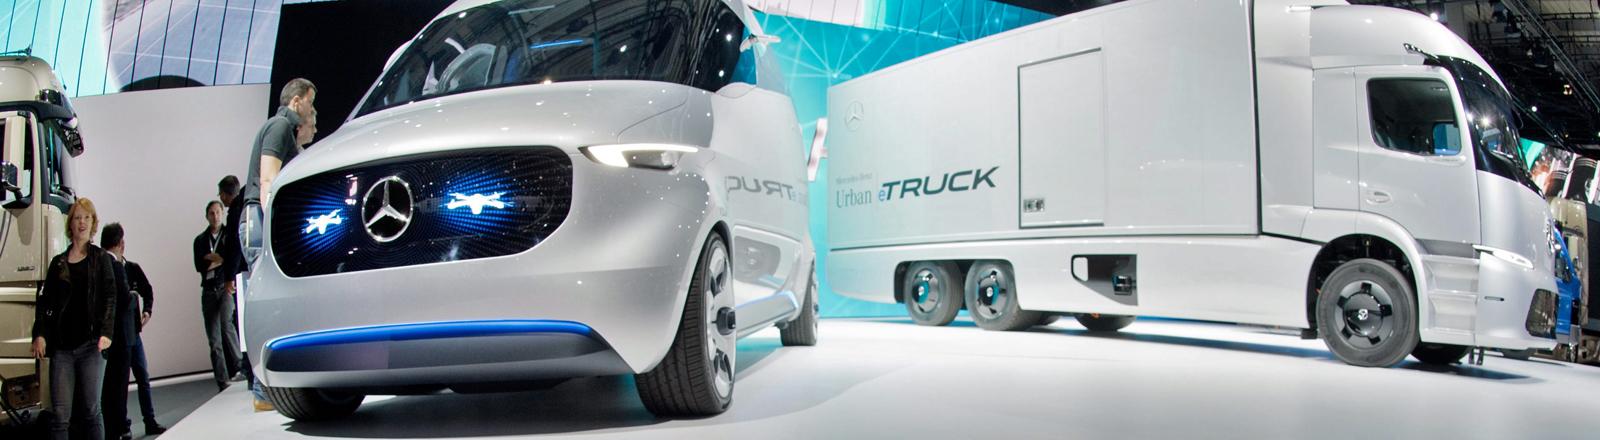 Eine Transporter-Studie Mercedes Vision Van und der Mercedes Elektro-LKW Urban eTruck.